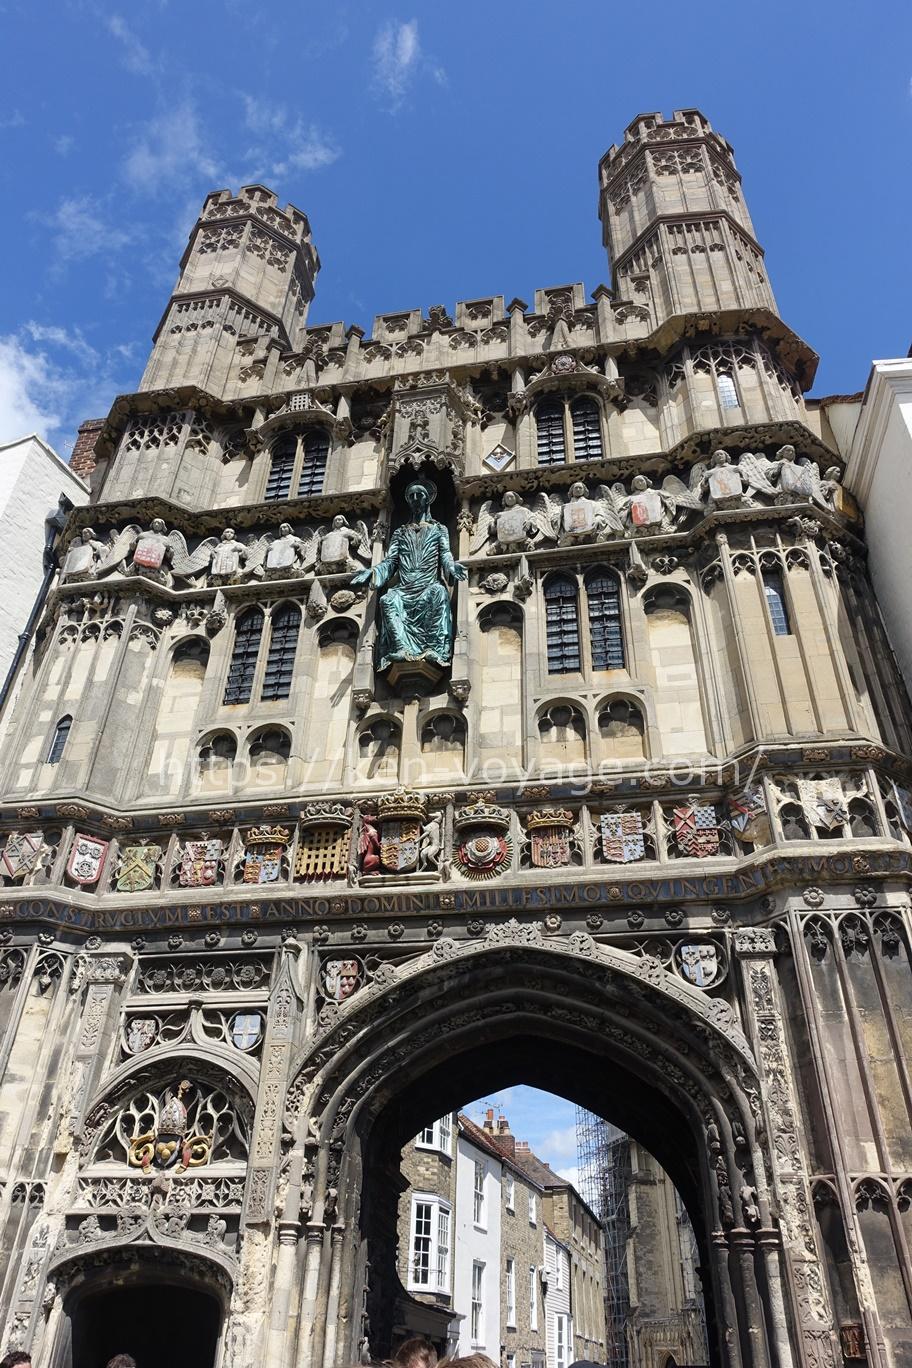 Christ Church Gate